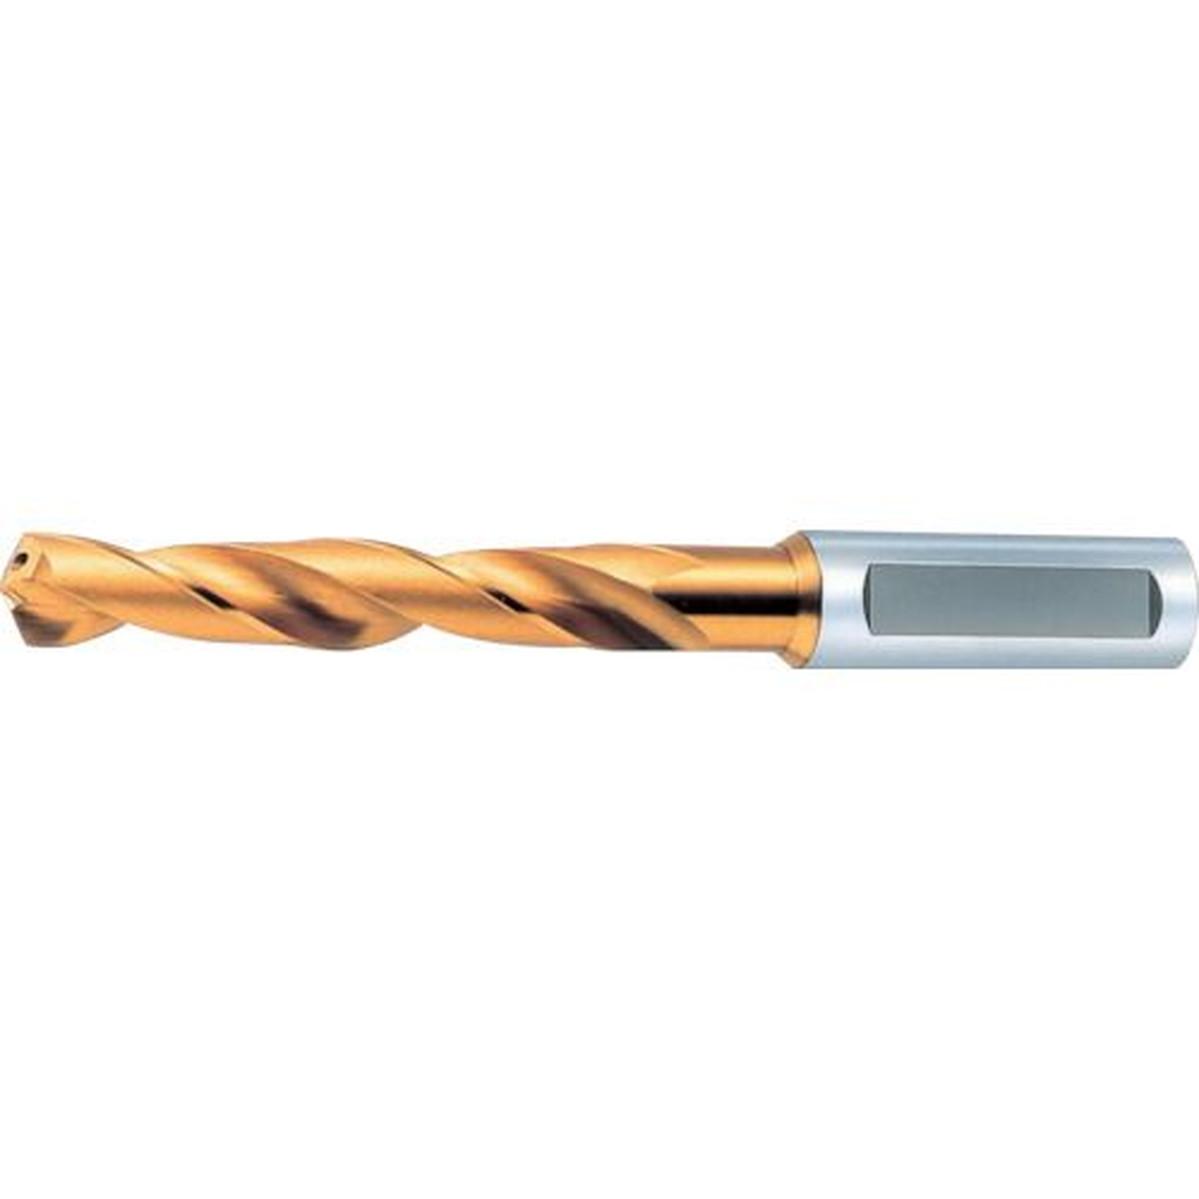 あす楽対応 信託 DIY用品 OSG お買い得品 一般用加工用穴付き 1本 レギュラ型 ゴールドドリル 64095